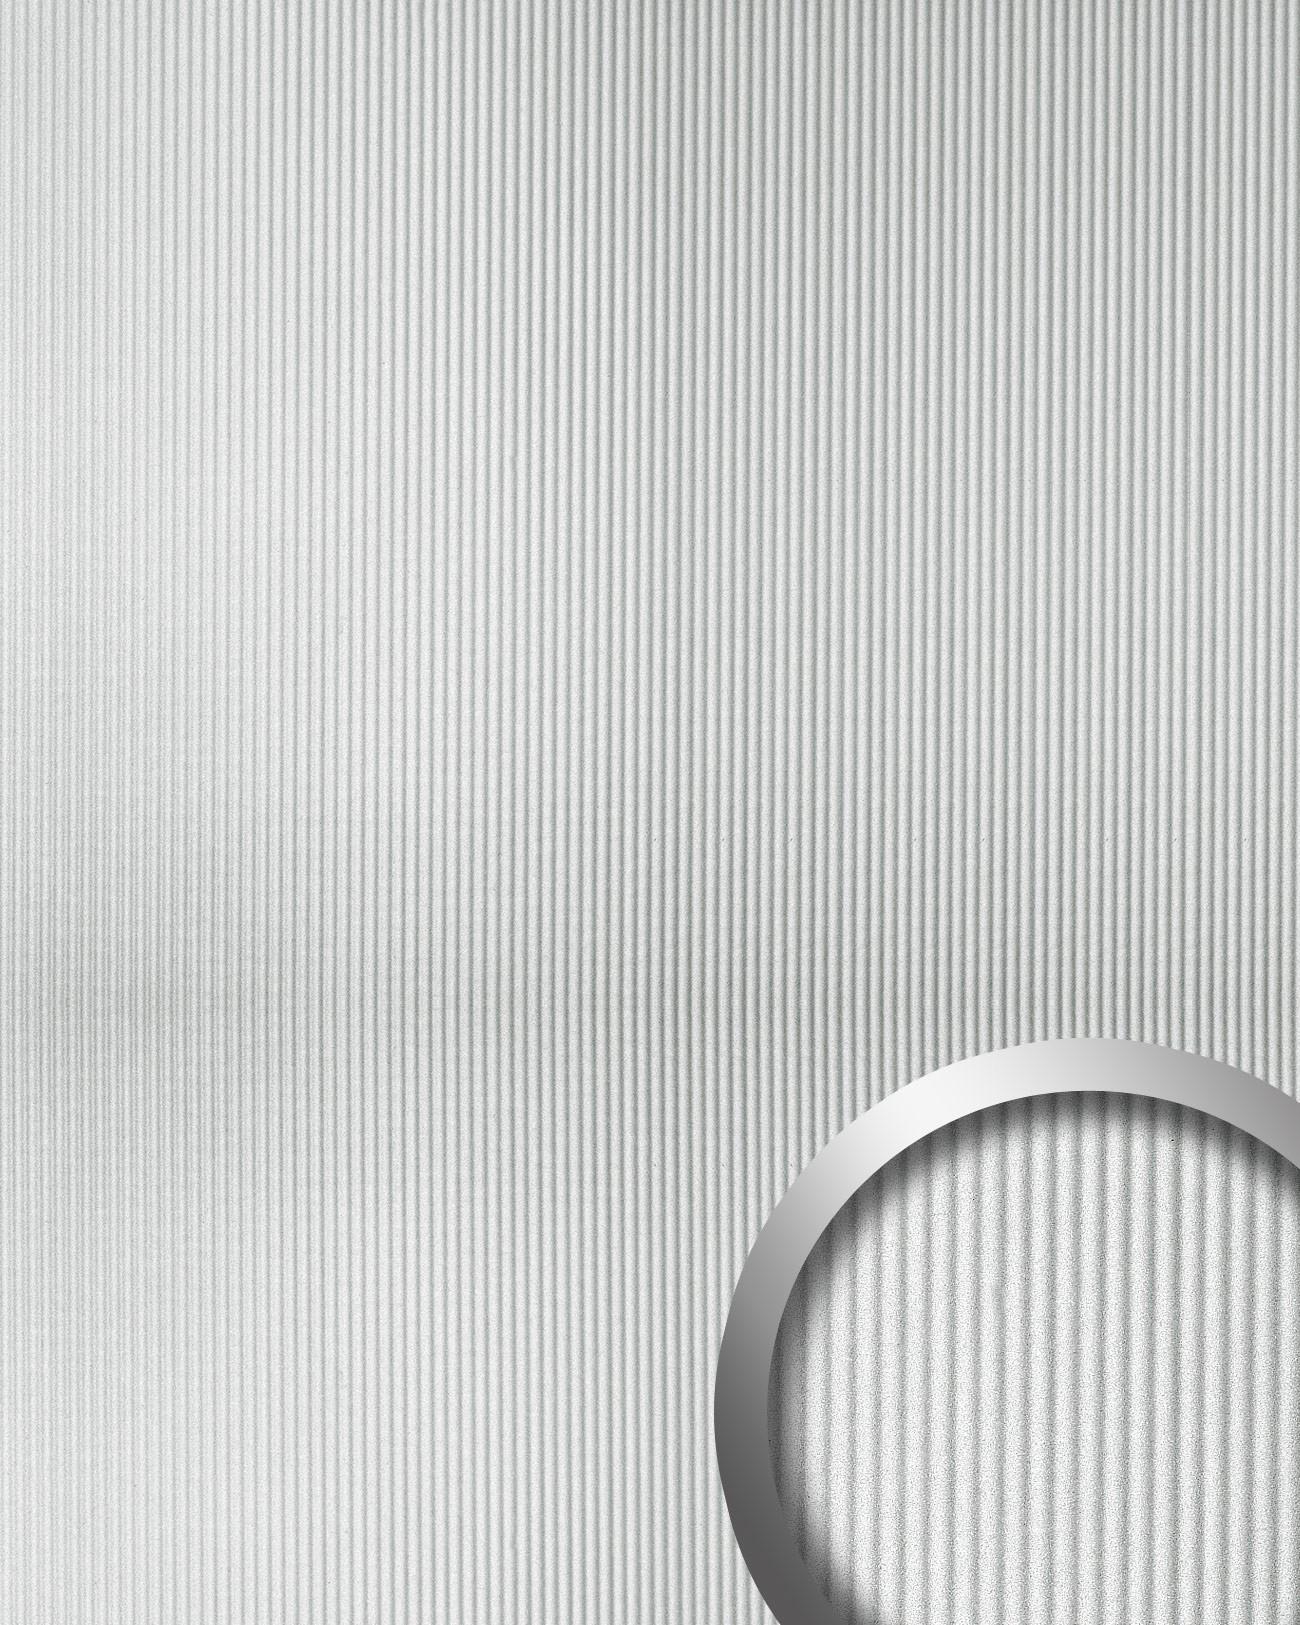 Whirlpool Bad Lid Switch ~   voor badkamer keuken kantoor 3d RVS optiek 2,60 m2 ? Bild 1